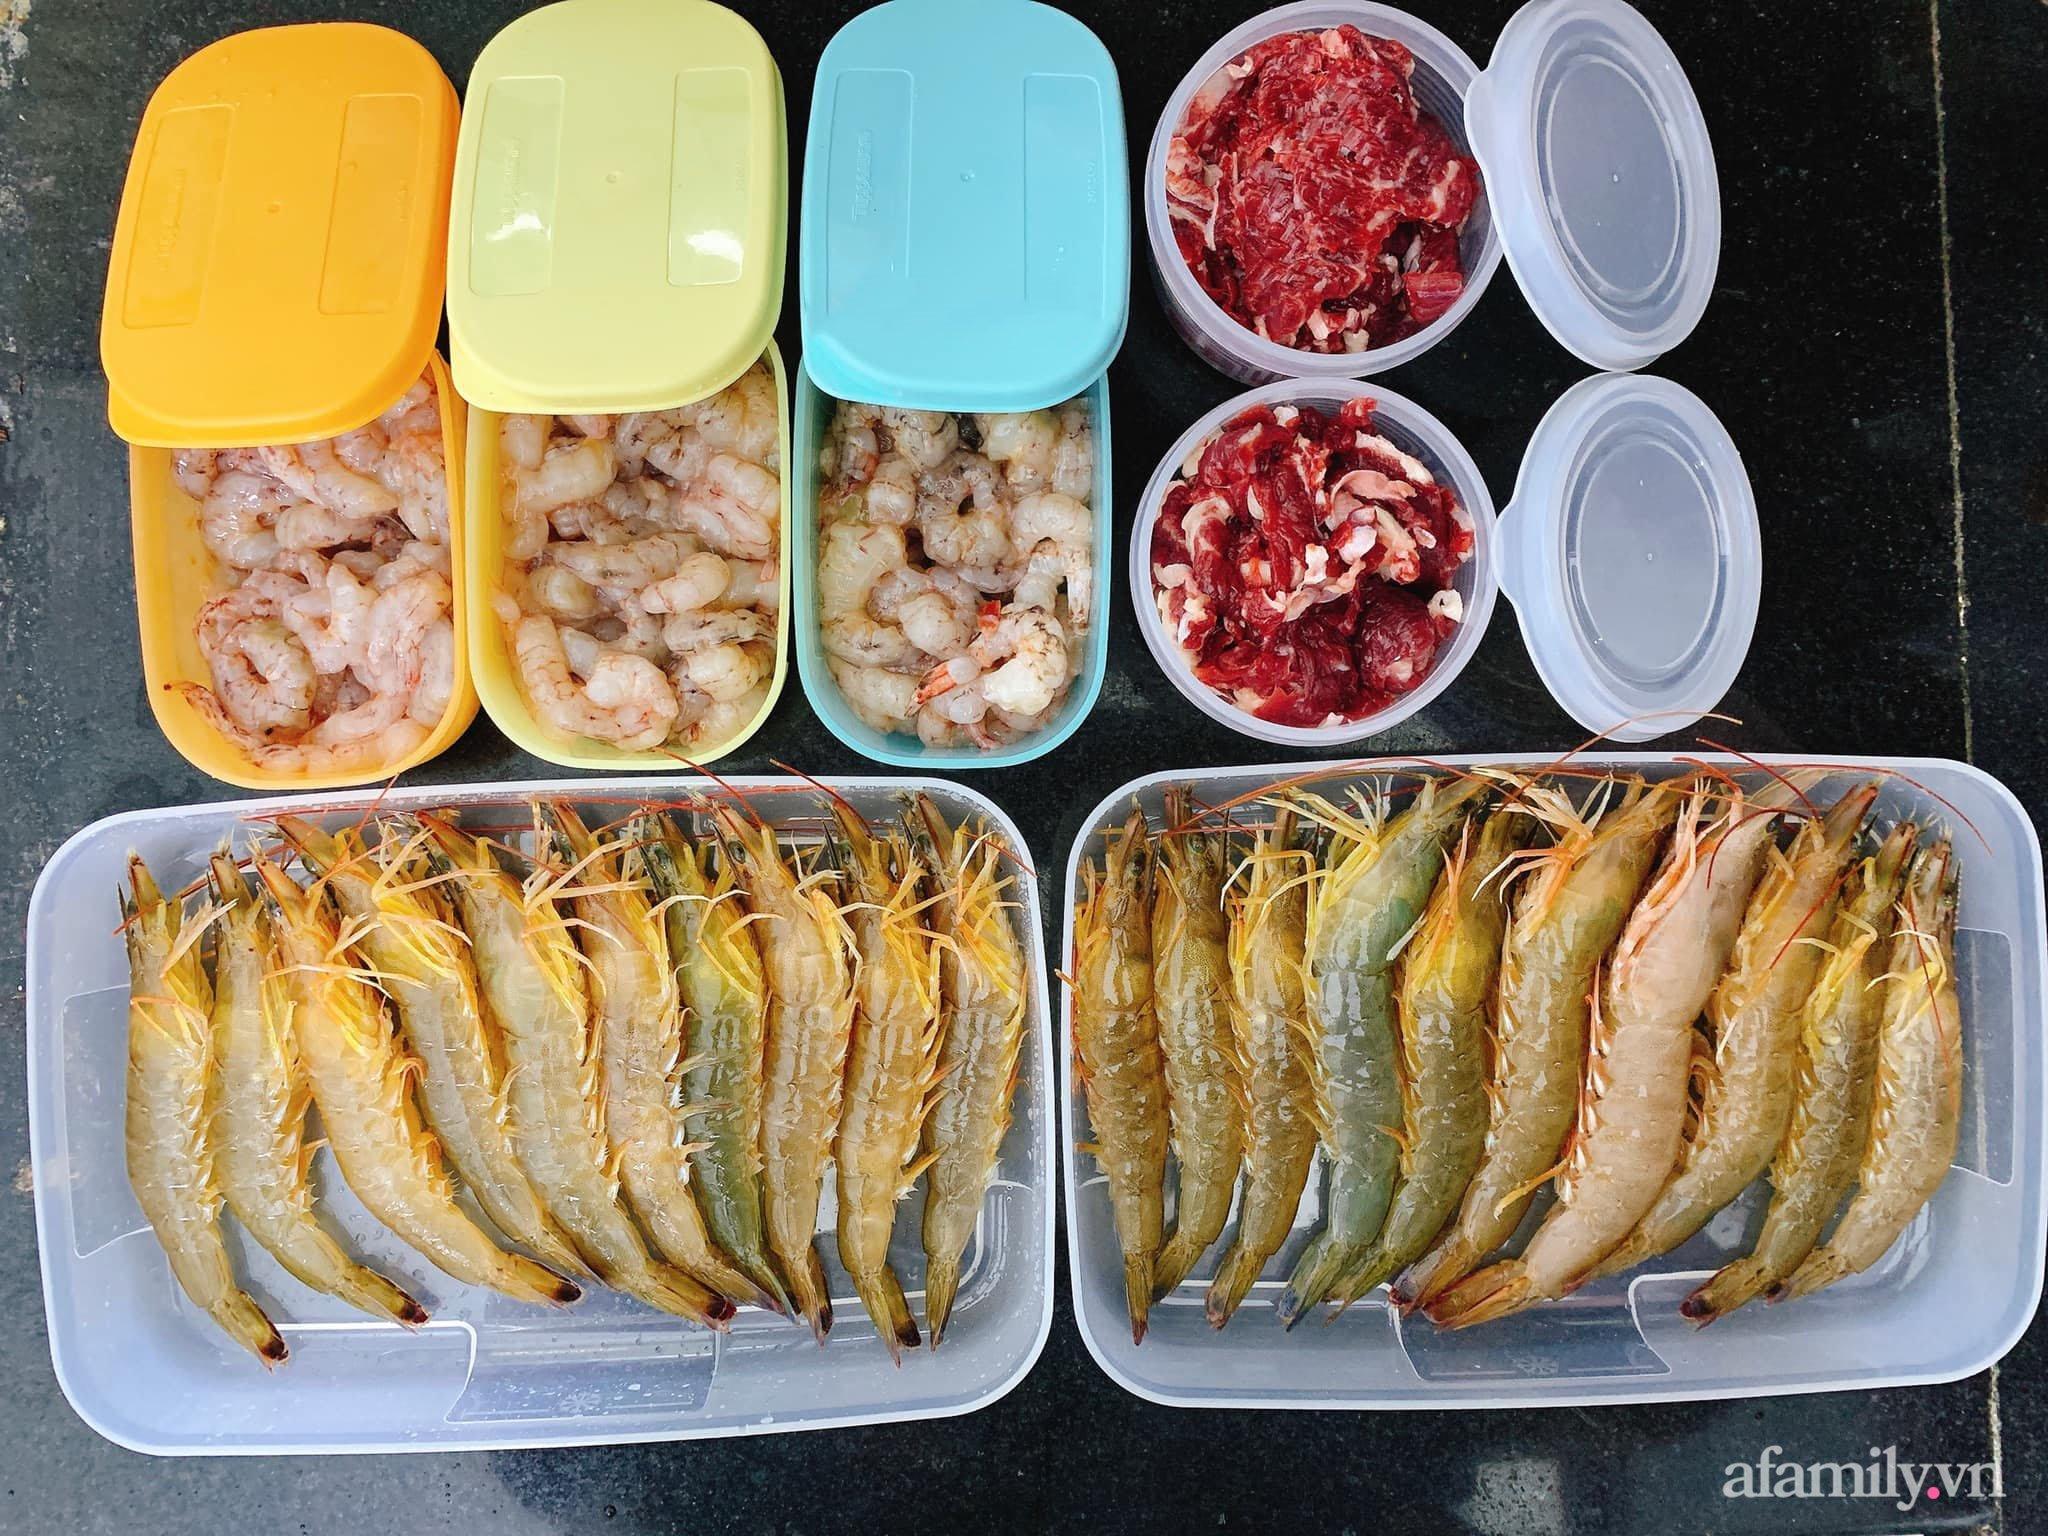 Bà nội trợ ở Quảng Ninh tiết lộ 9 bí kíp chọn mua thực phẩm tươi ngon cho chị em-16